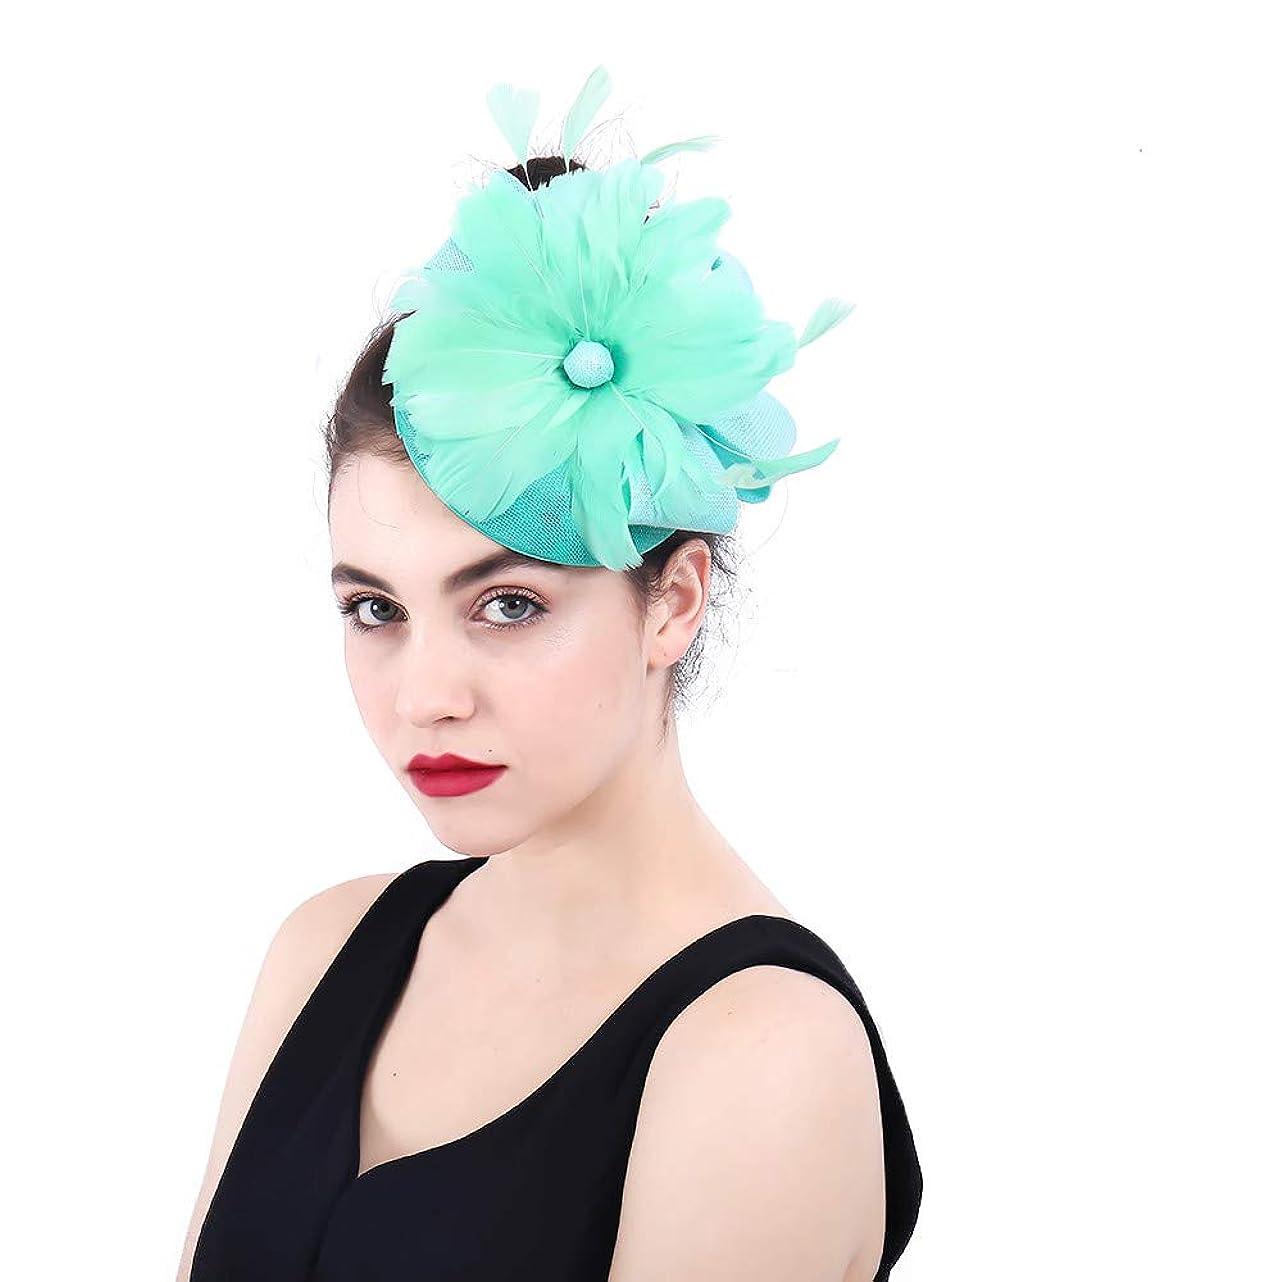 ロマンチックひねくれた検体女性の魅力的な帽子 女性のエレガントな魅惑的な帽子の羽の花の結婚式のヘアピンヘッドドレスロイヤルアスコットカクテルティーパーティー (色 : 青)